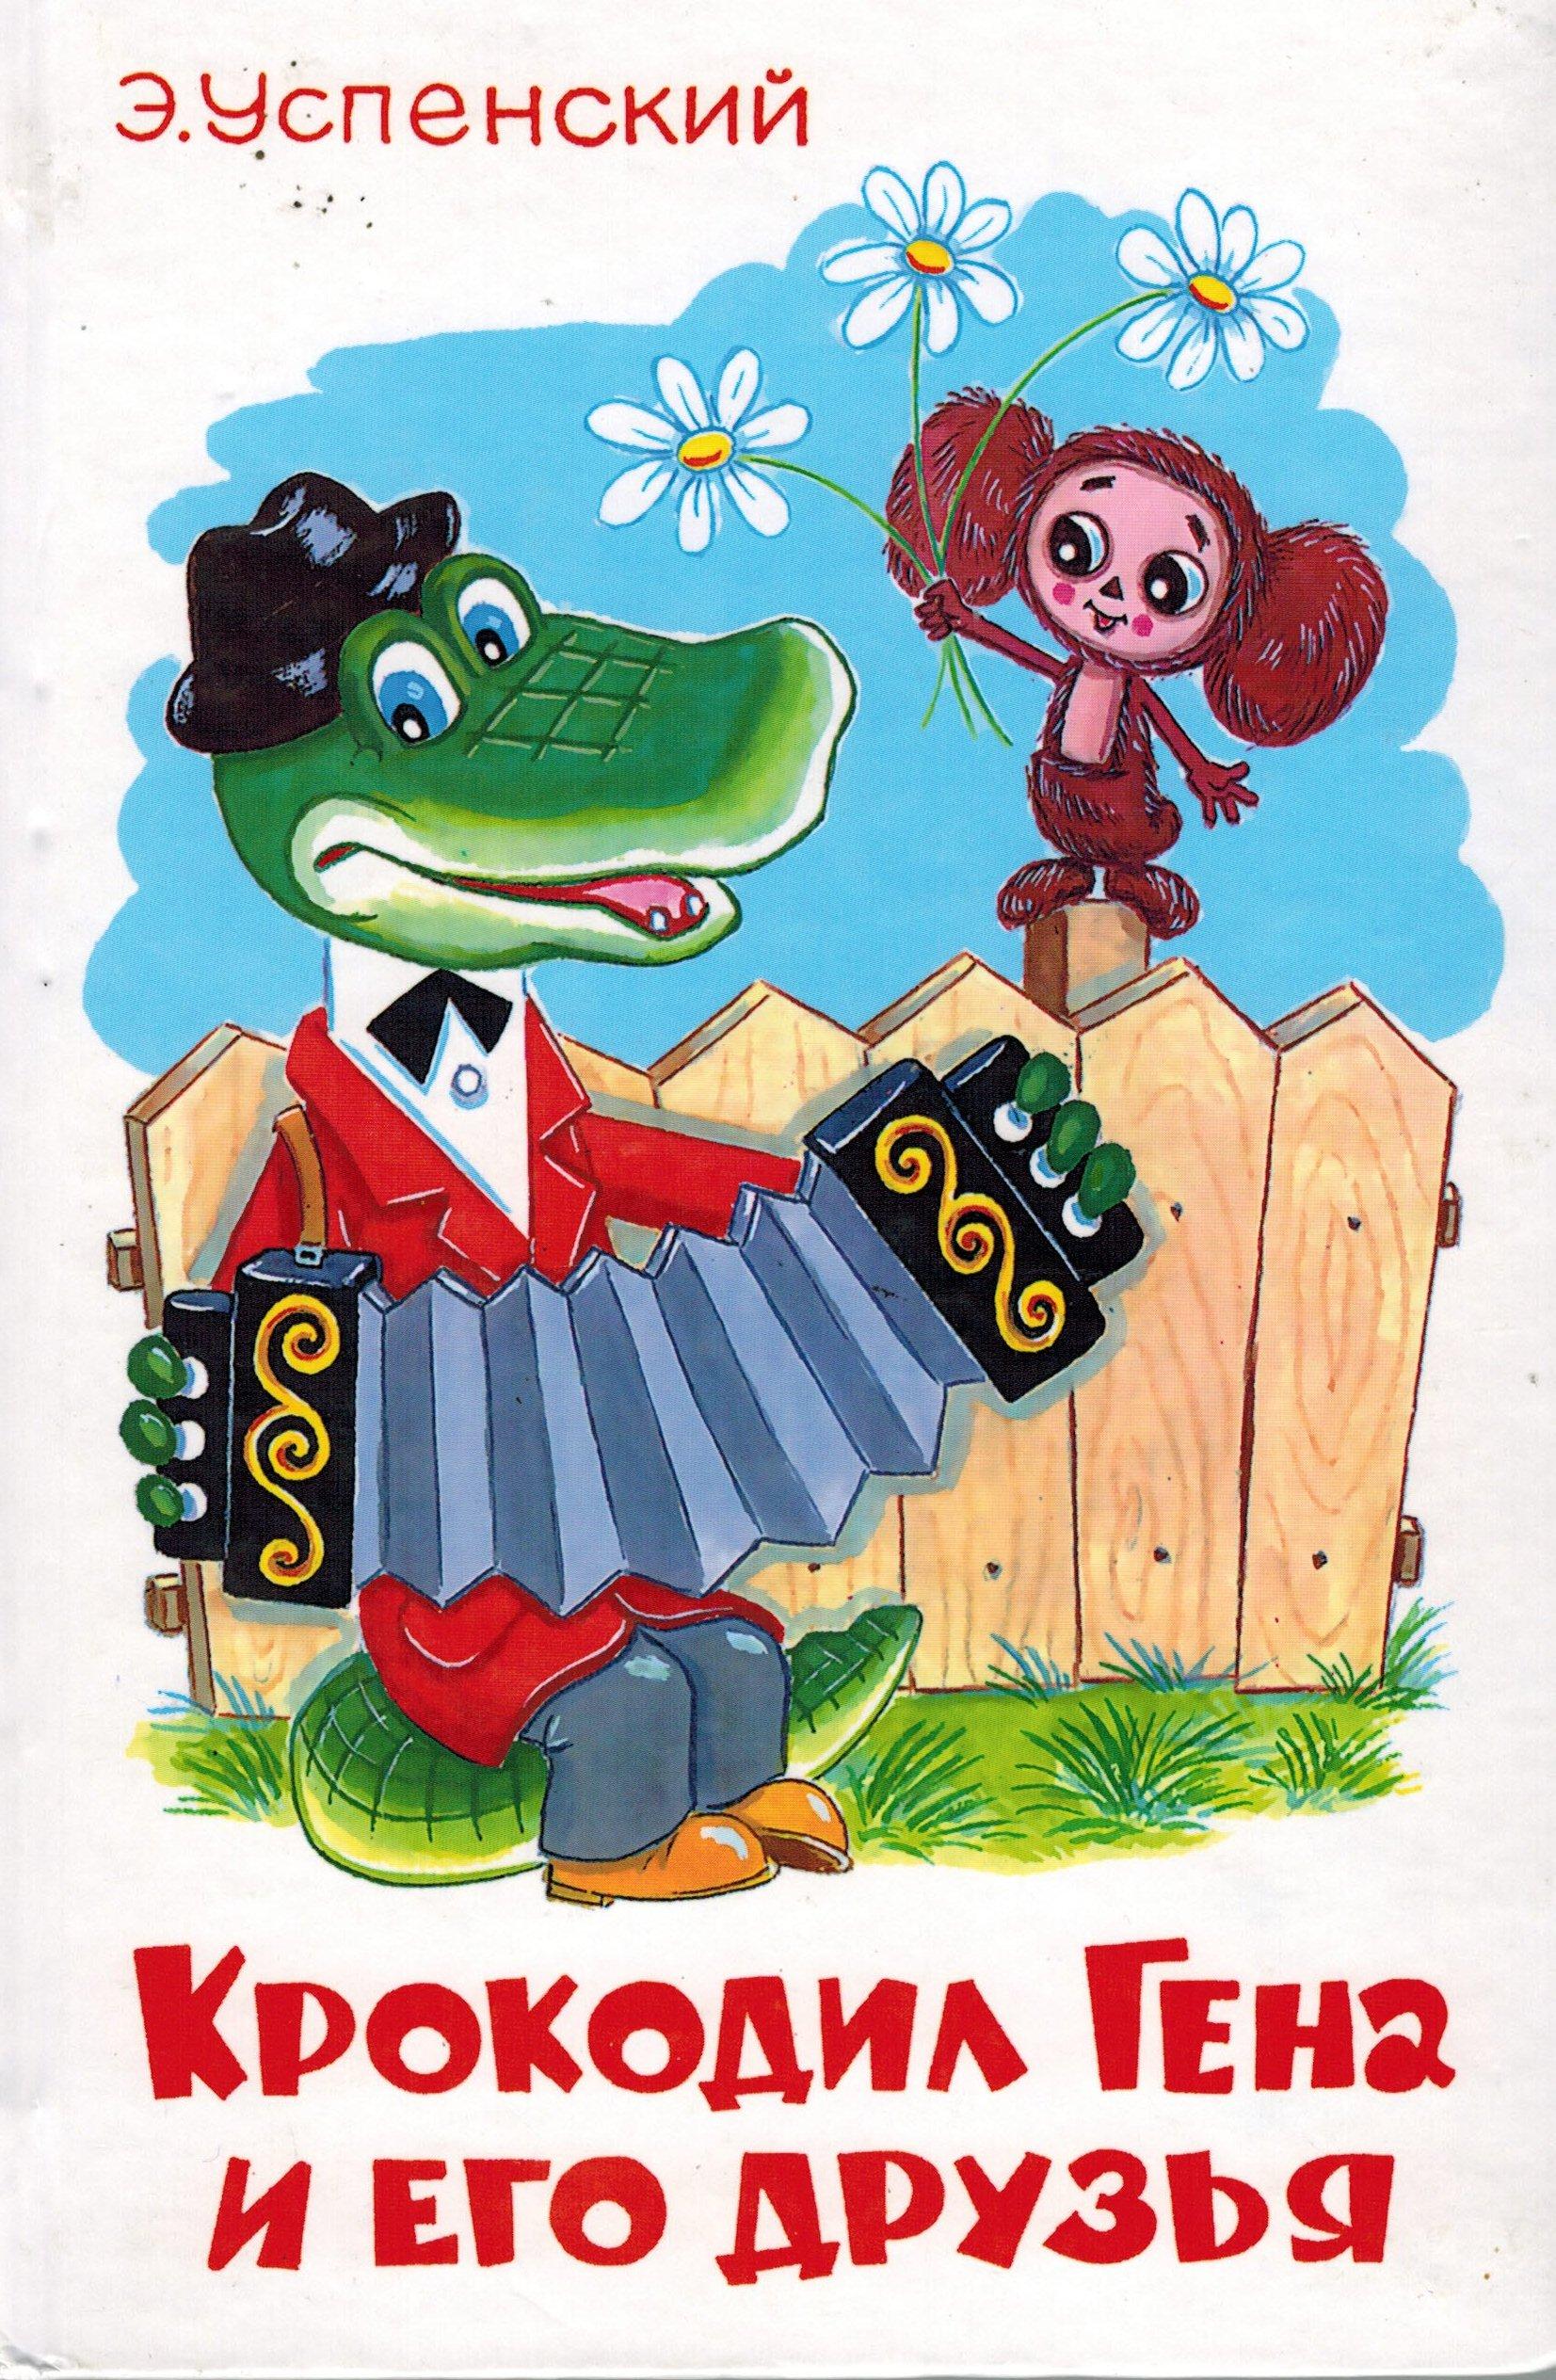 Детские открытки друзей